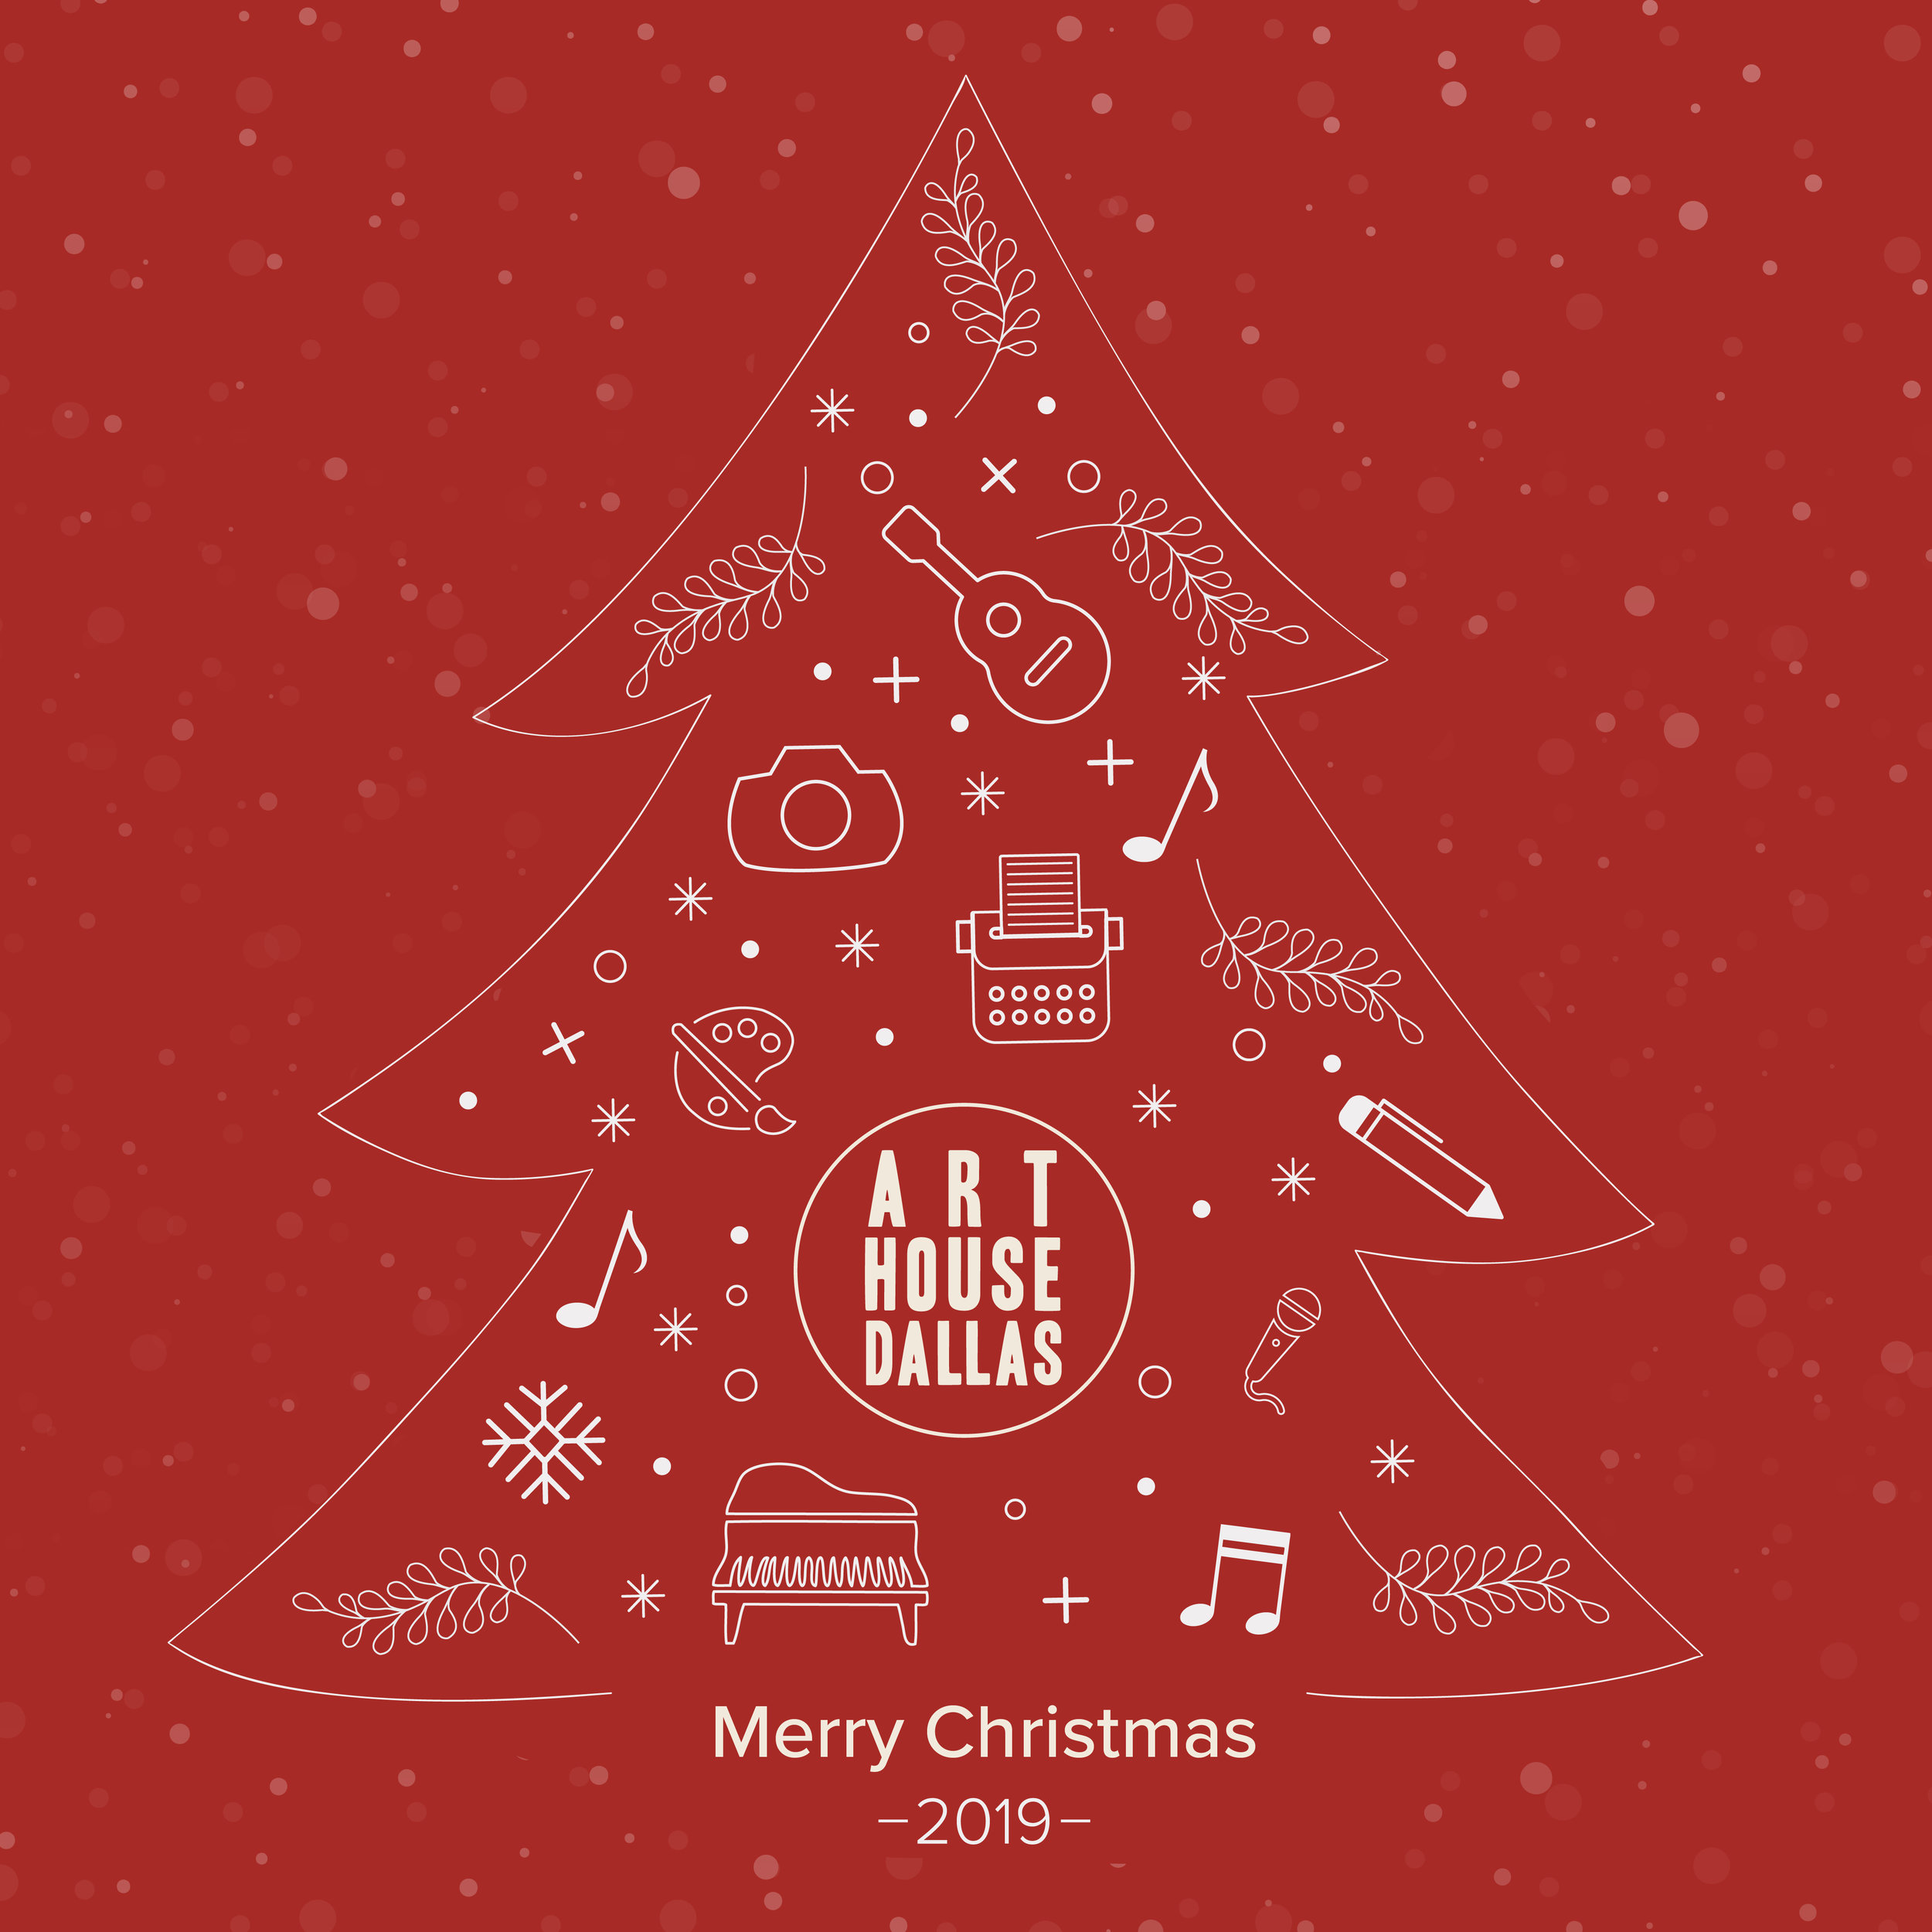 AHD_Christmas Card 2018_Instagram_Ready.jpg